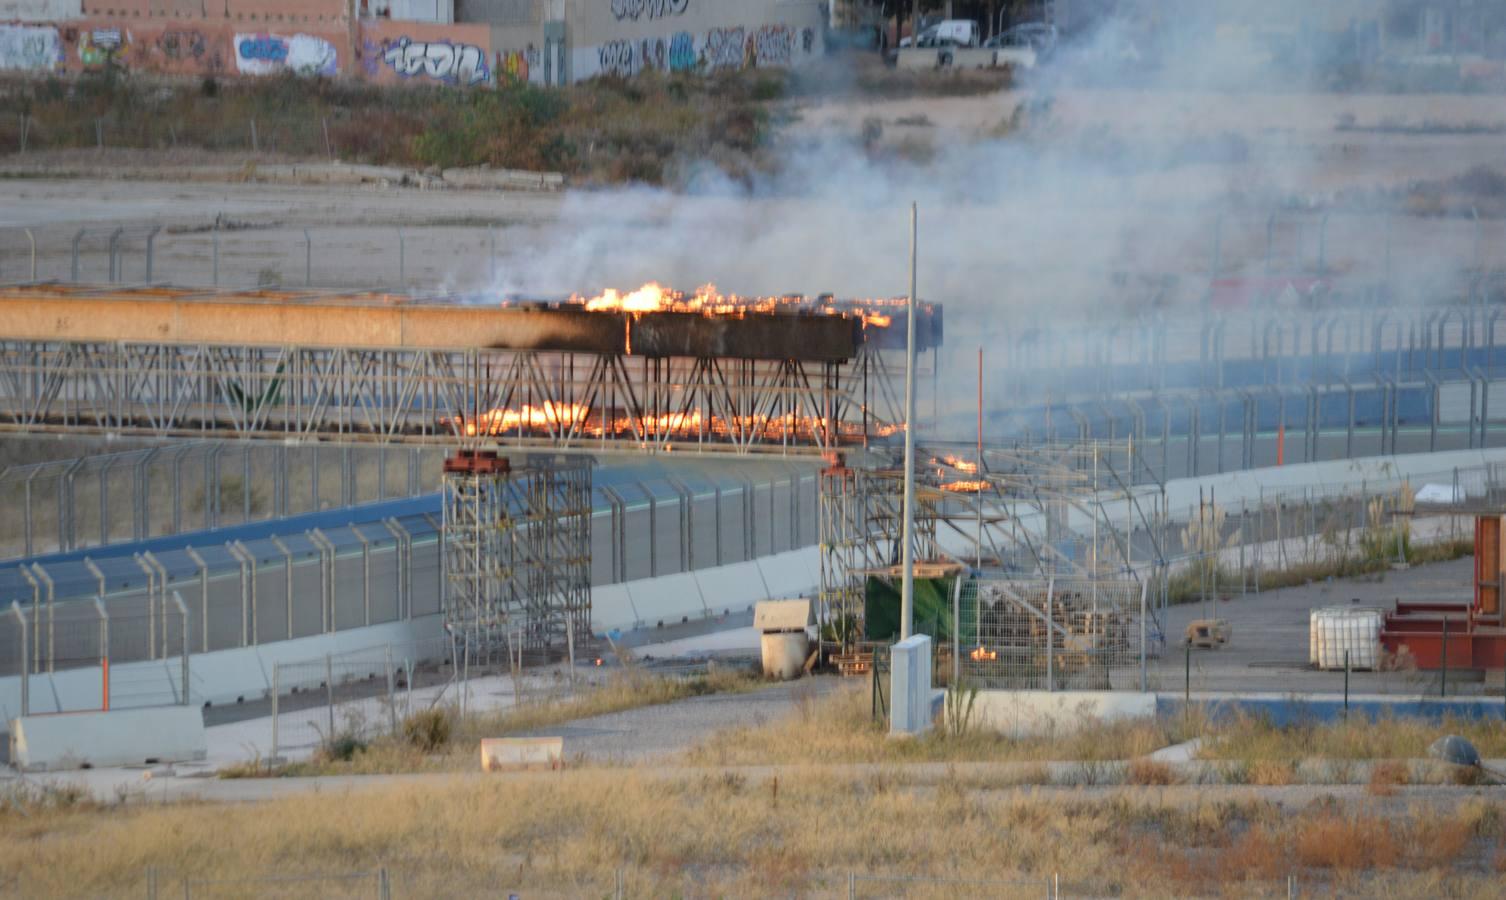 Circuito Urbano Valencia : Arde una de las pasarelas abandonadas del antiguo circuito urbano